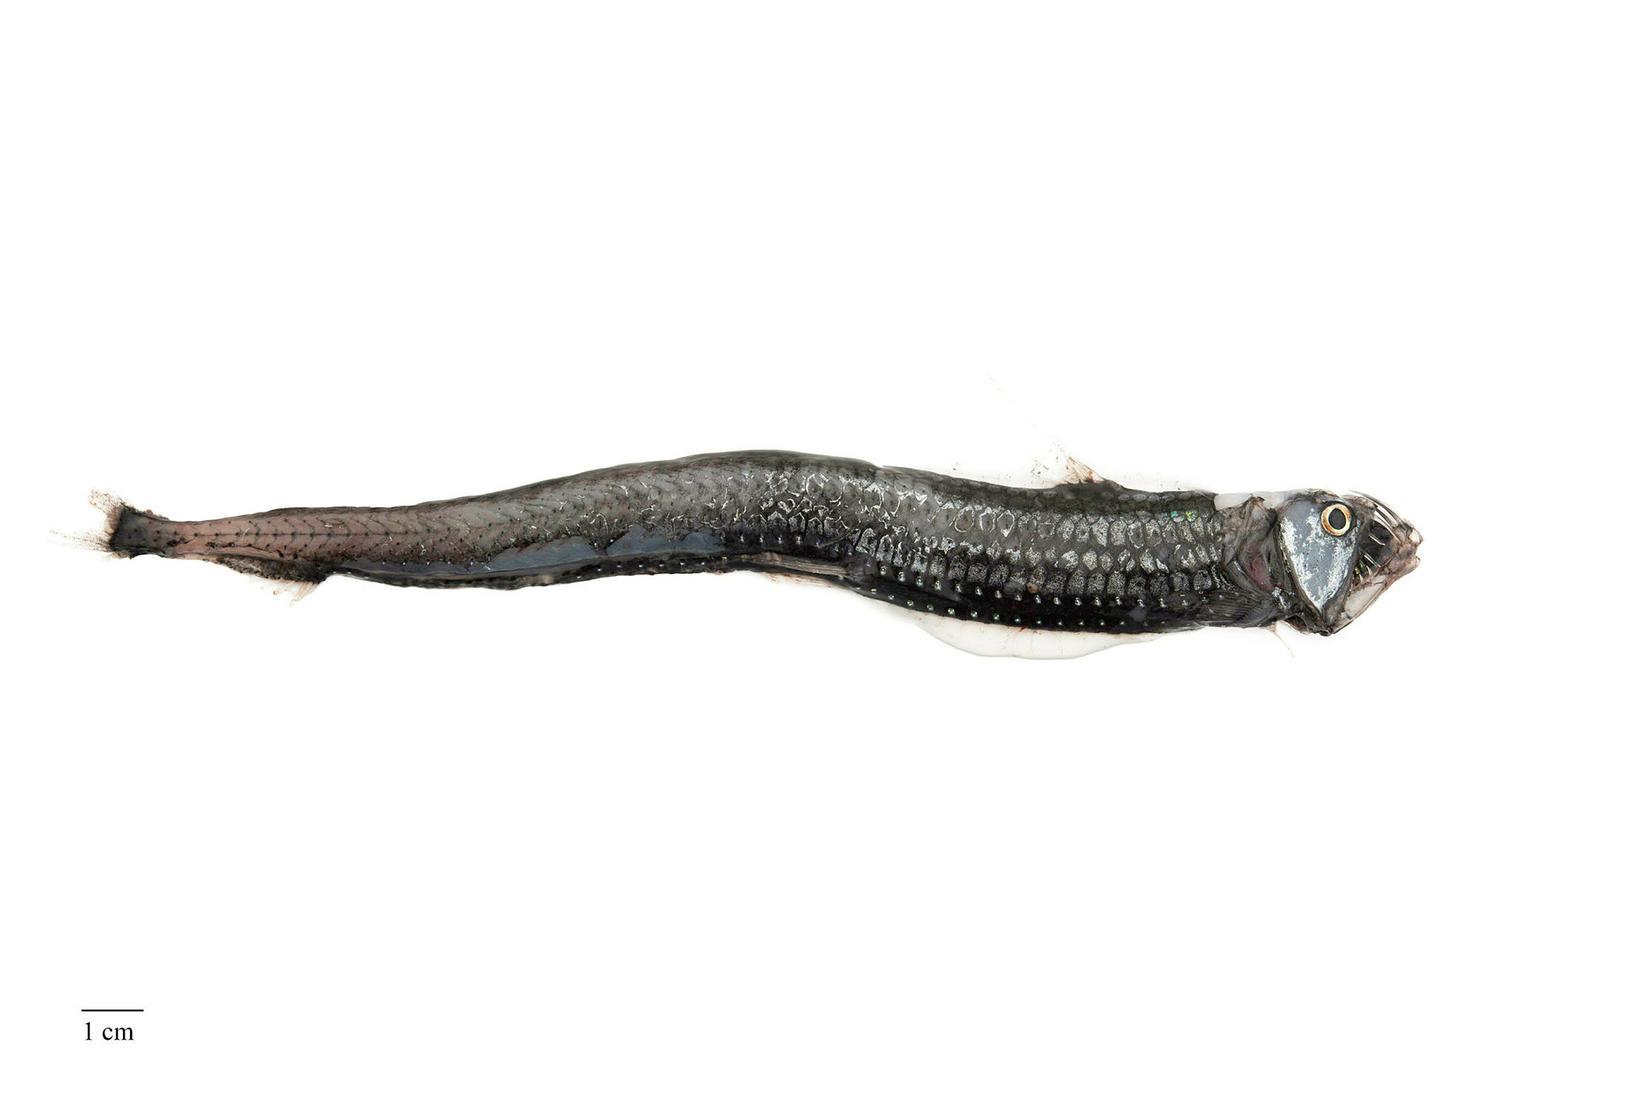 Sloans-gelgja hefur tvöfalda röð ljósfæra.